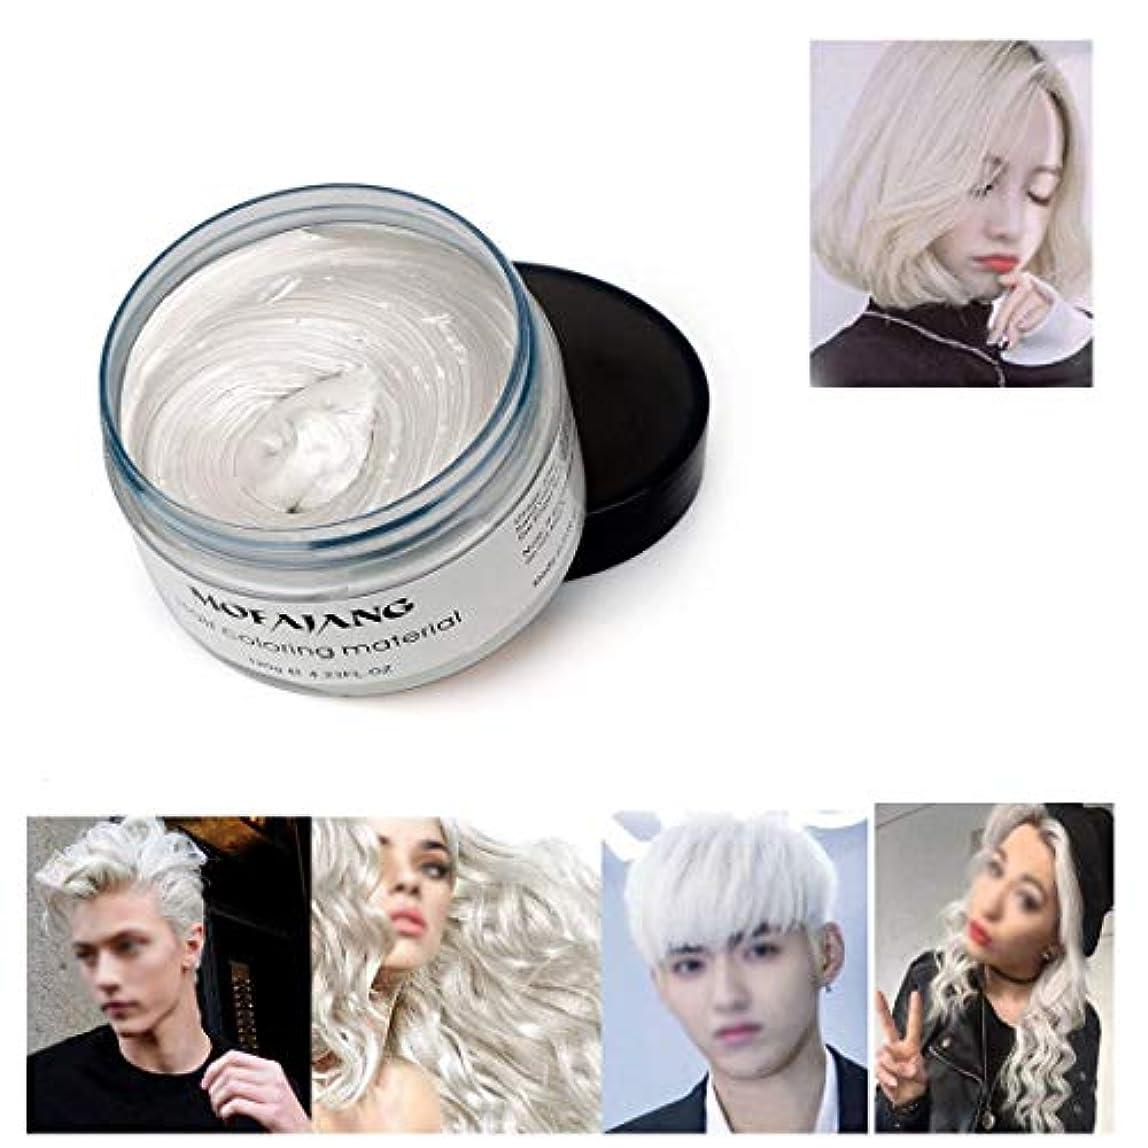 無駄な傾いた翻訳する髪色ワックス,一度だけ一時的に自然色染料ヘアワックスをモデリング,パーティーのための自然なマット髪型。コスプレ、仮装、ナイトクラブ、ハロウィーン (ホワイト)